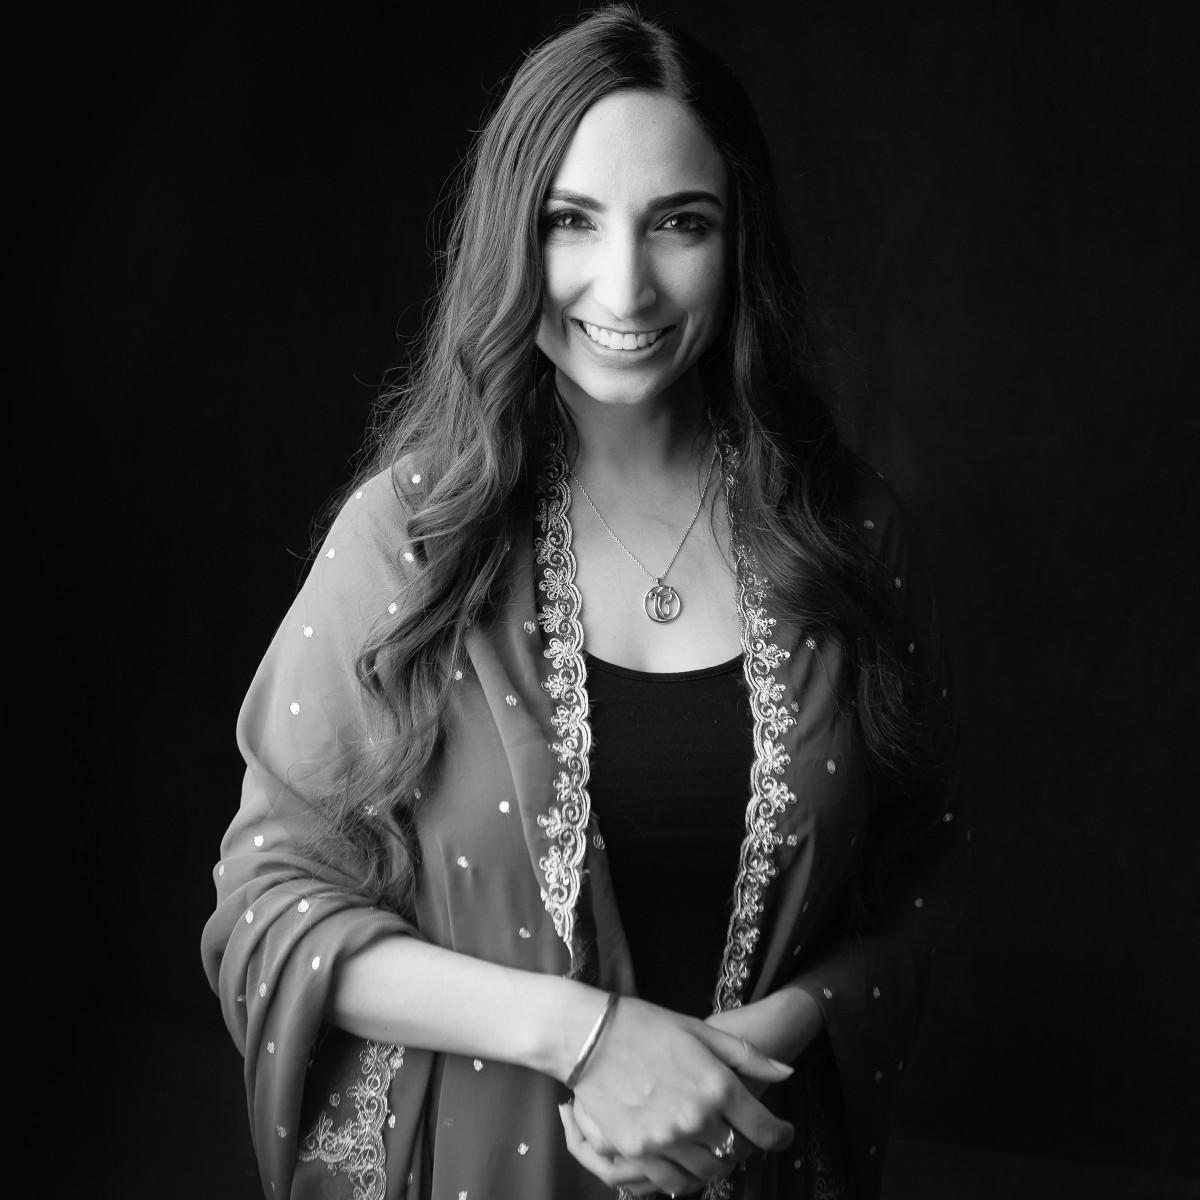 Valarie Kaur